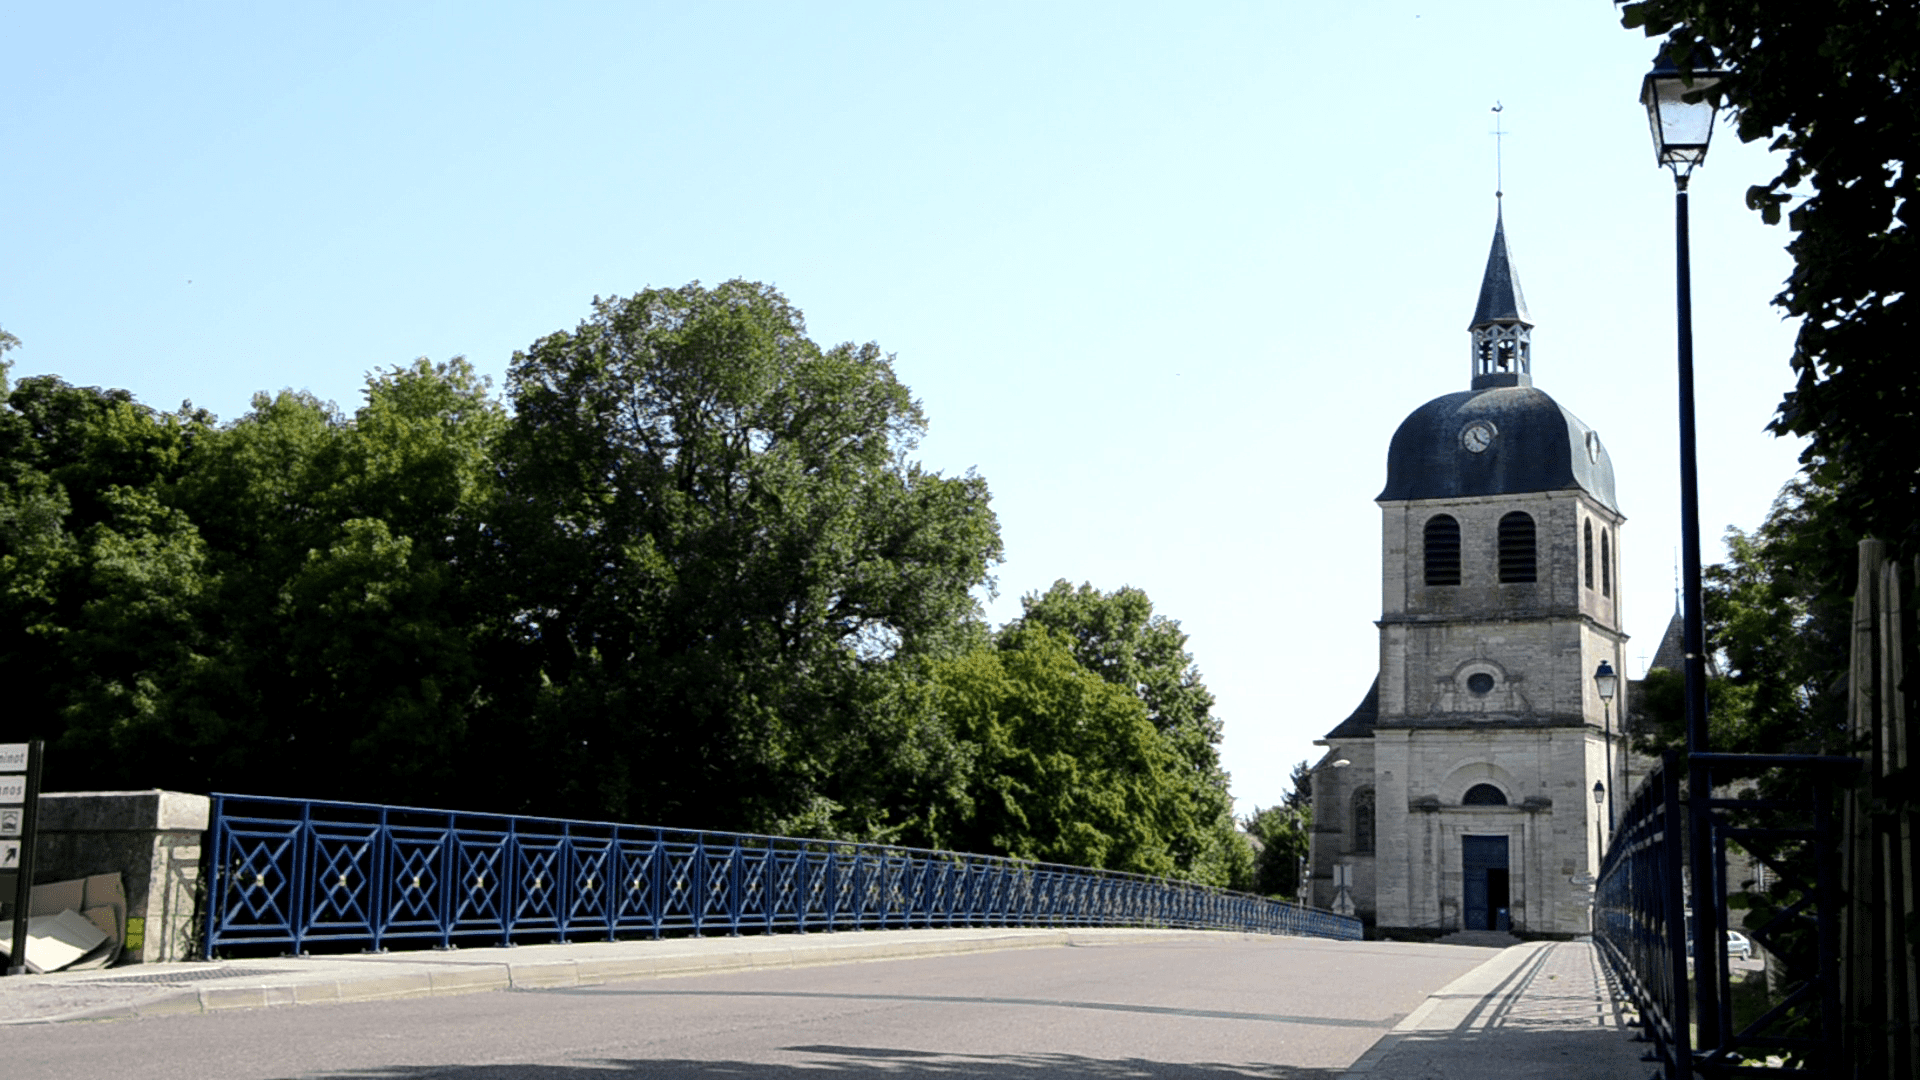 Le pont de Dienville, passant au-dessus de l'Aube